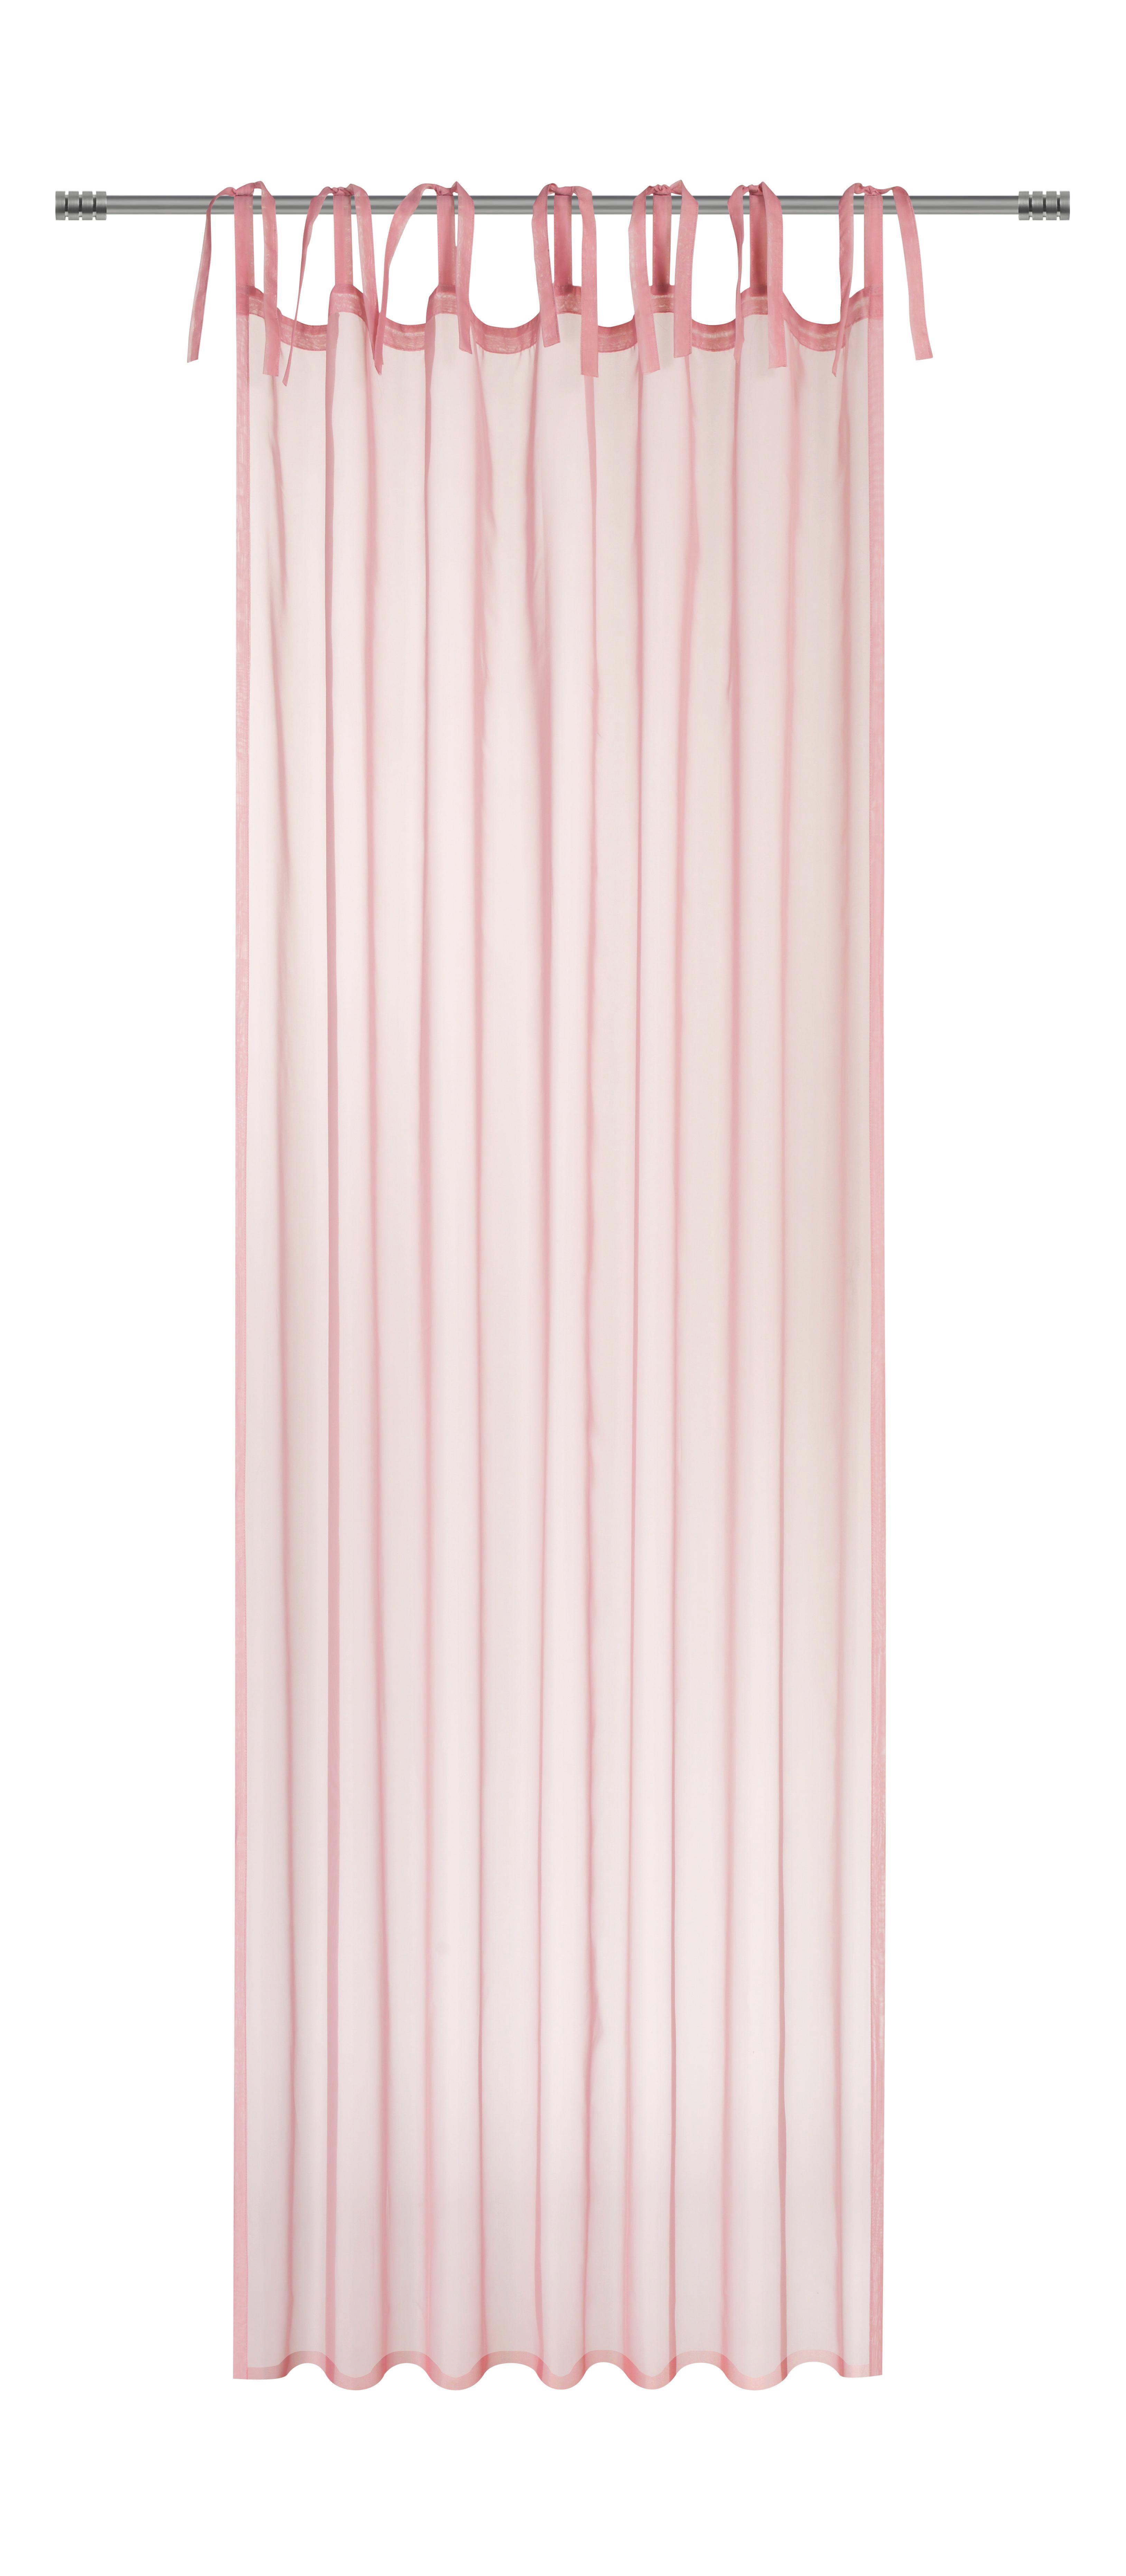 Készfüggöny Lisa - világos kék/rózsaszín, romantikus/Landhaus, textil (145/245cm) - MÖMAX modern living